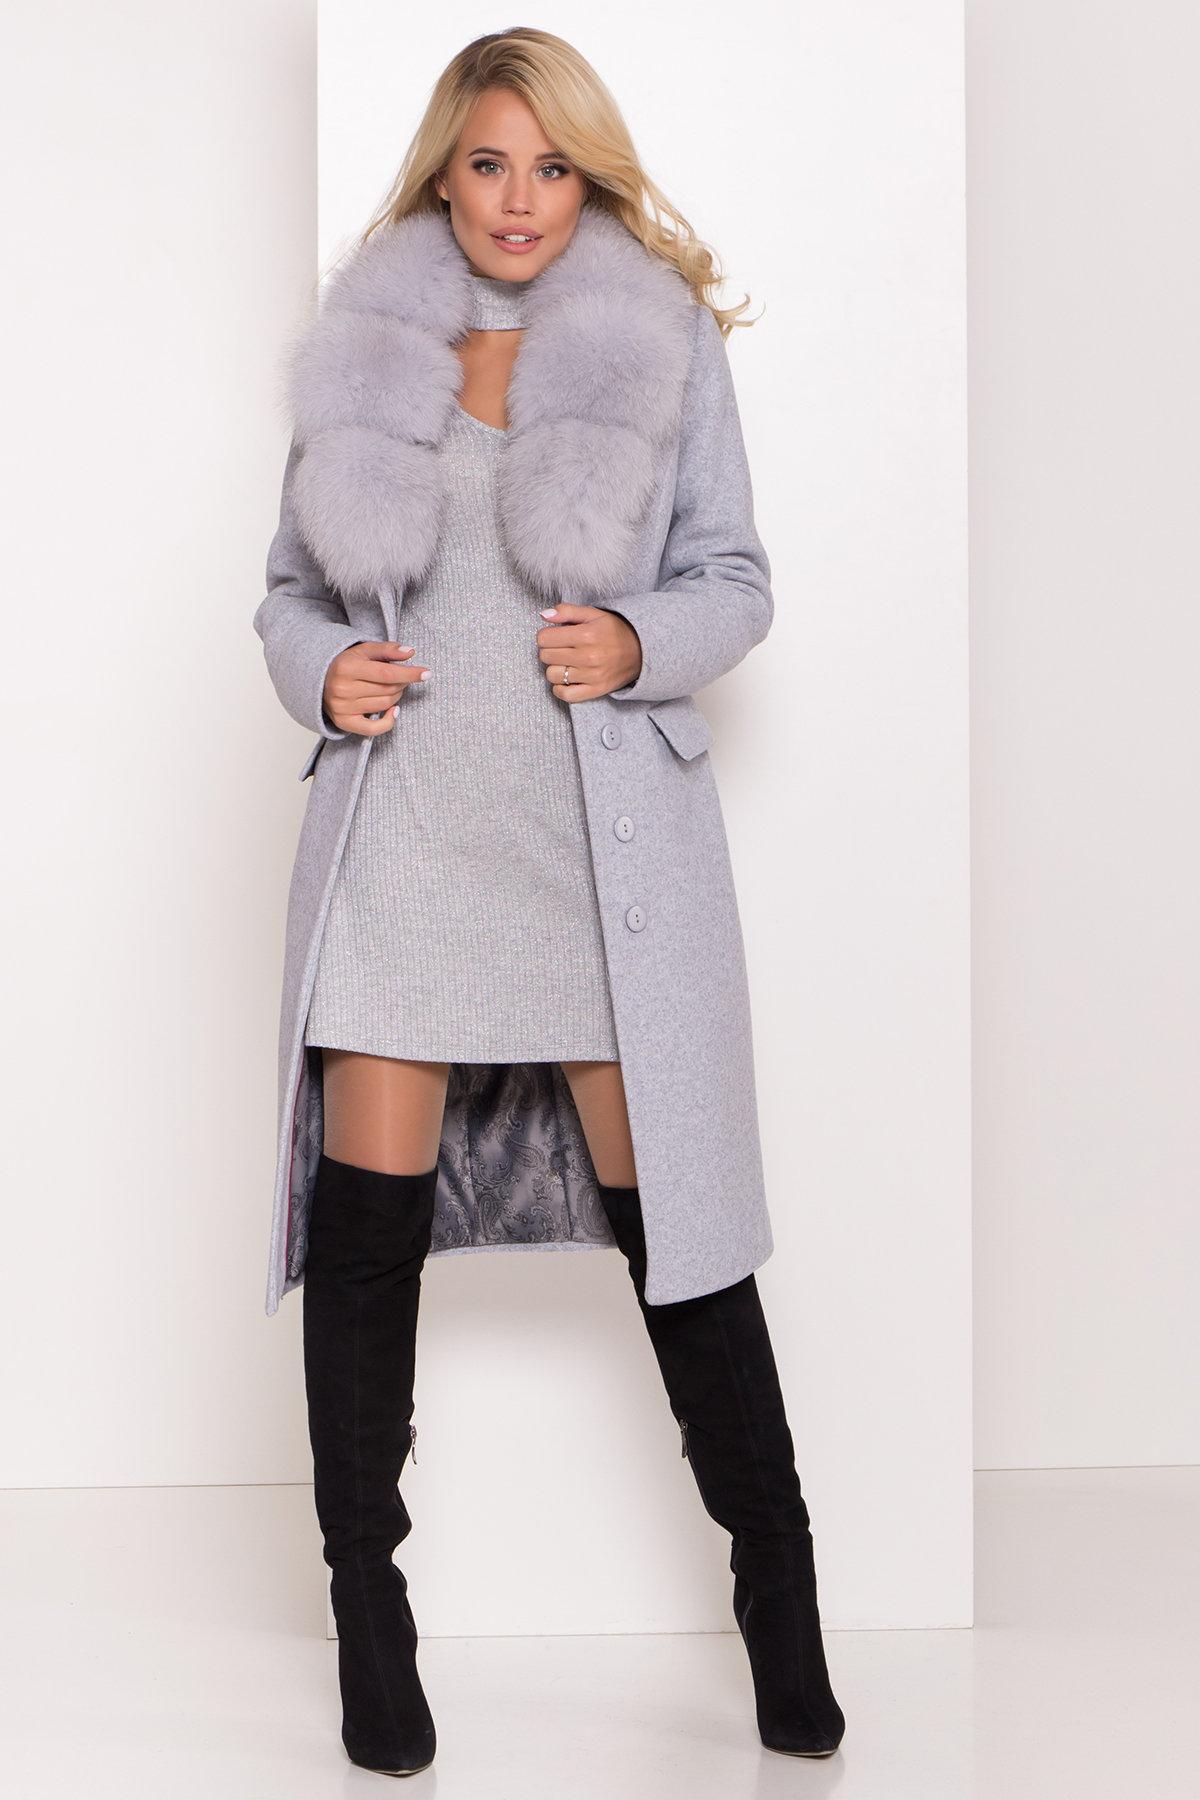 Пальто зима с меховым воротником Лабио 8149 АРТ. 44105 Цвет: Серый Светлый 33 - фото 2, интернет магазин tm-modus.ru